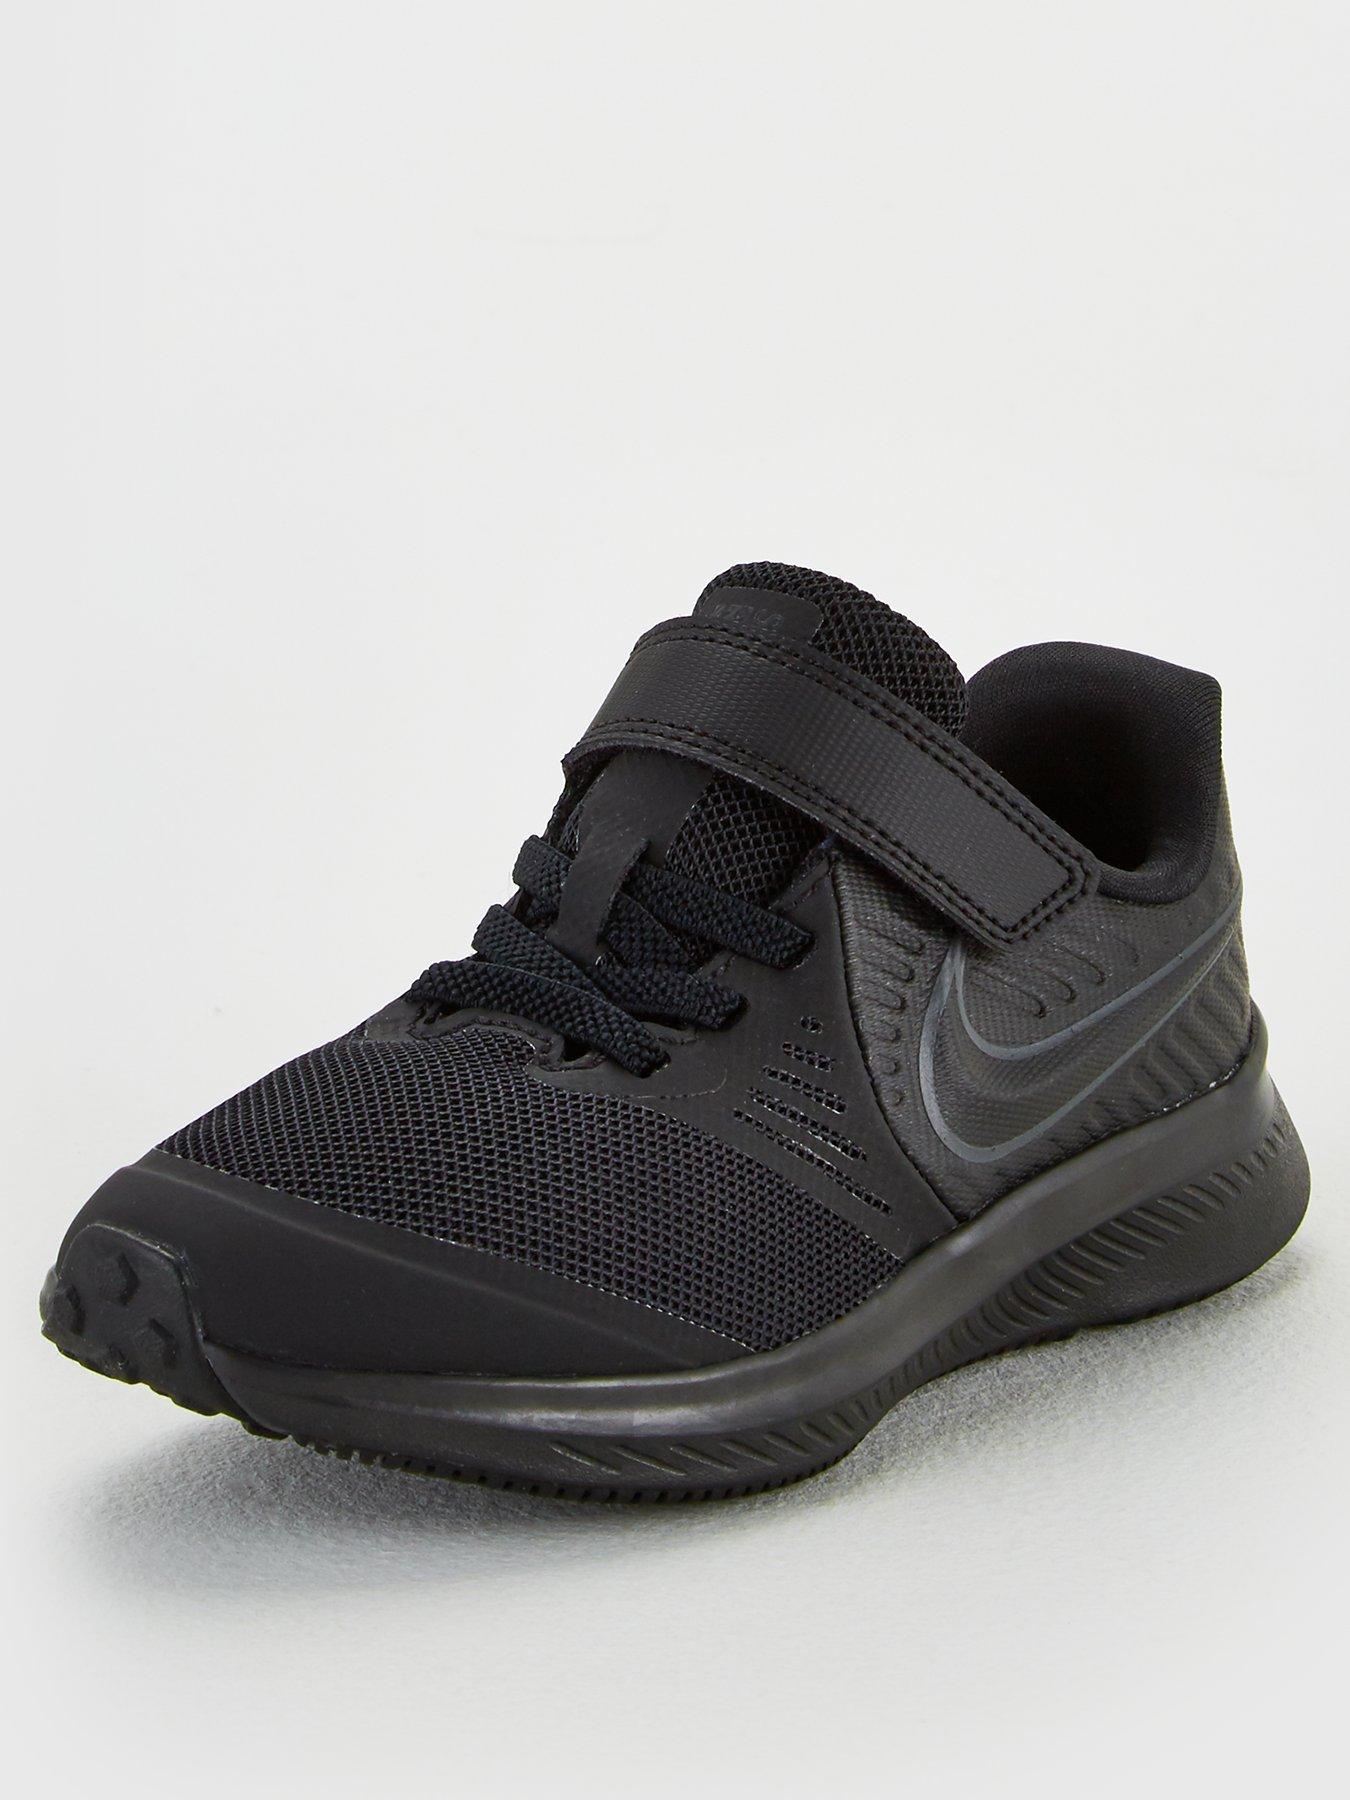 Kids Nike Trainers | Childrens Nike